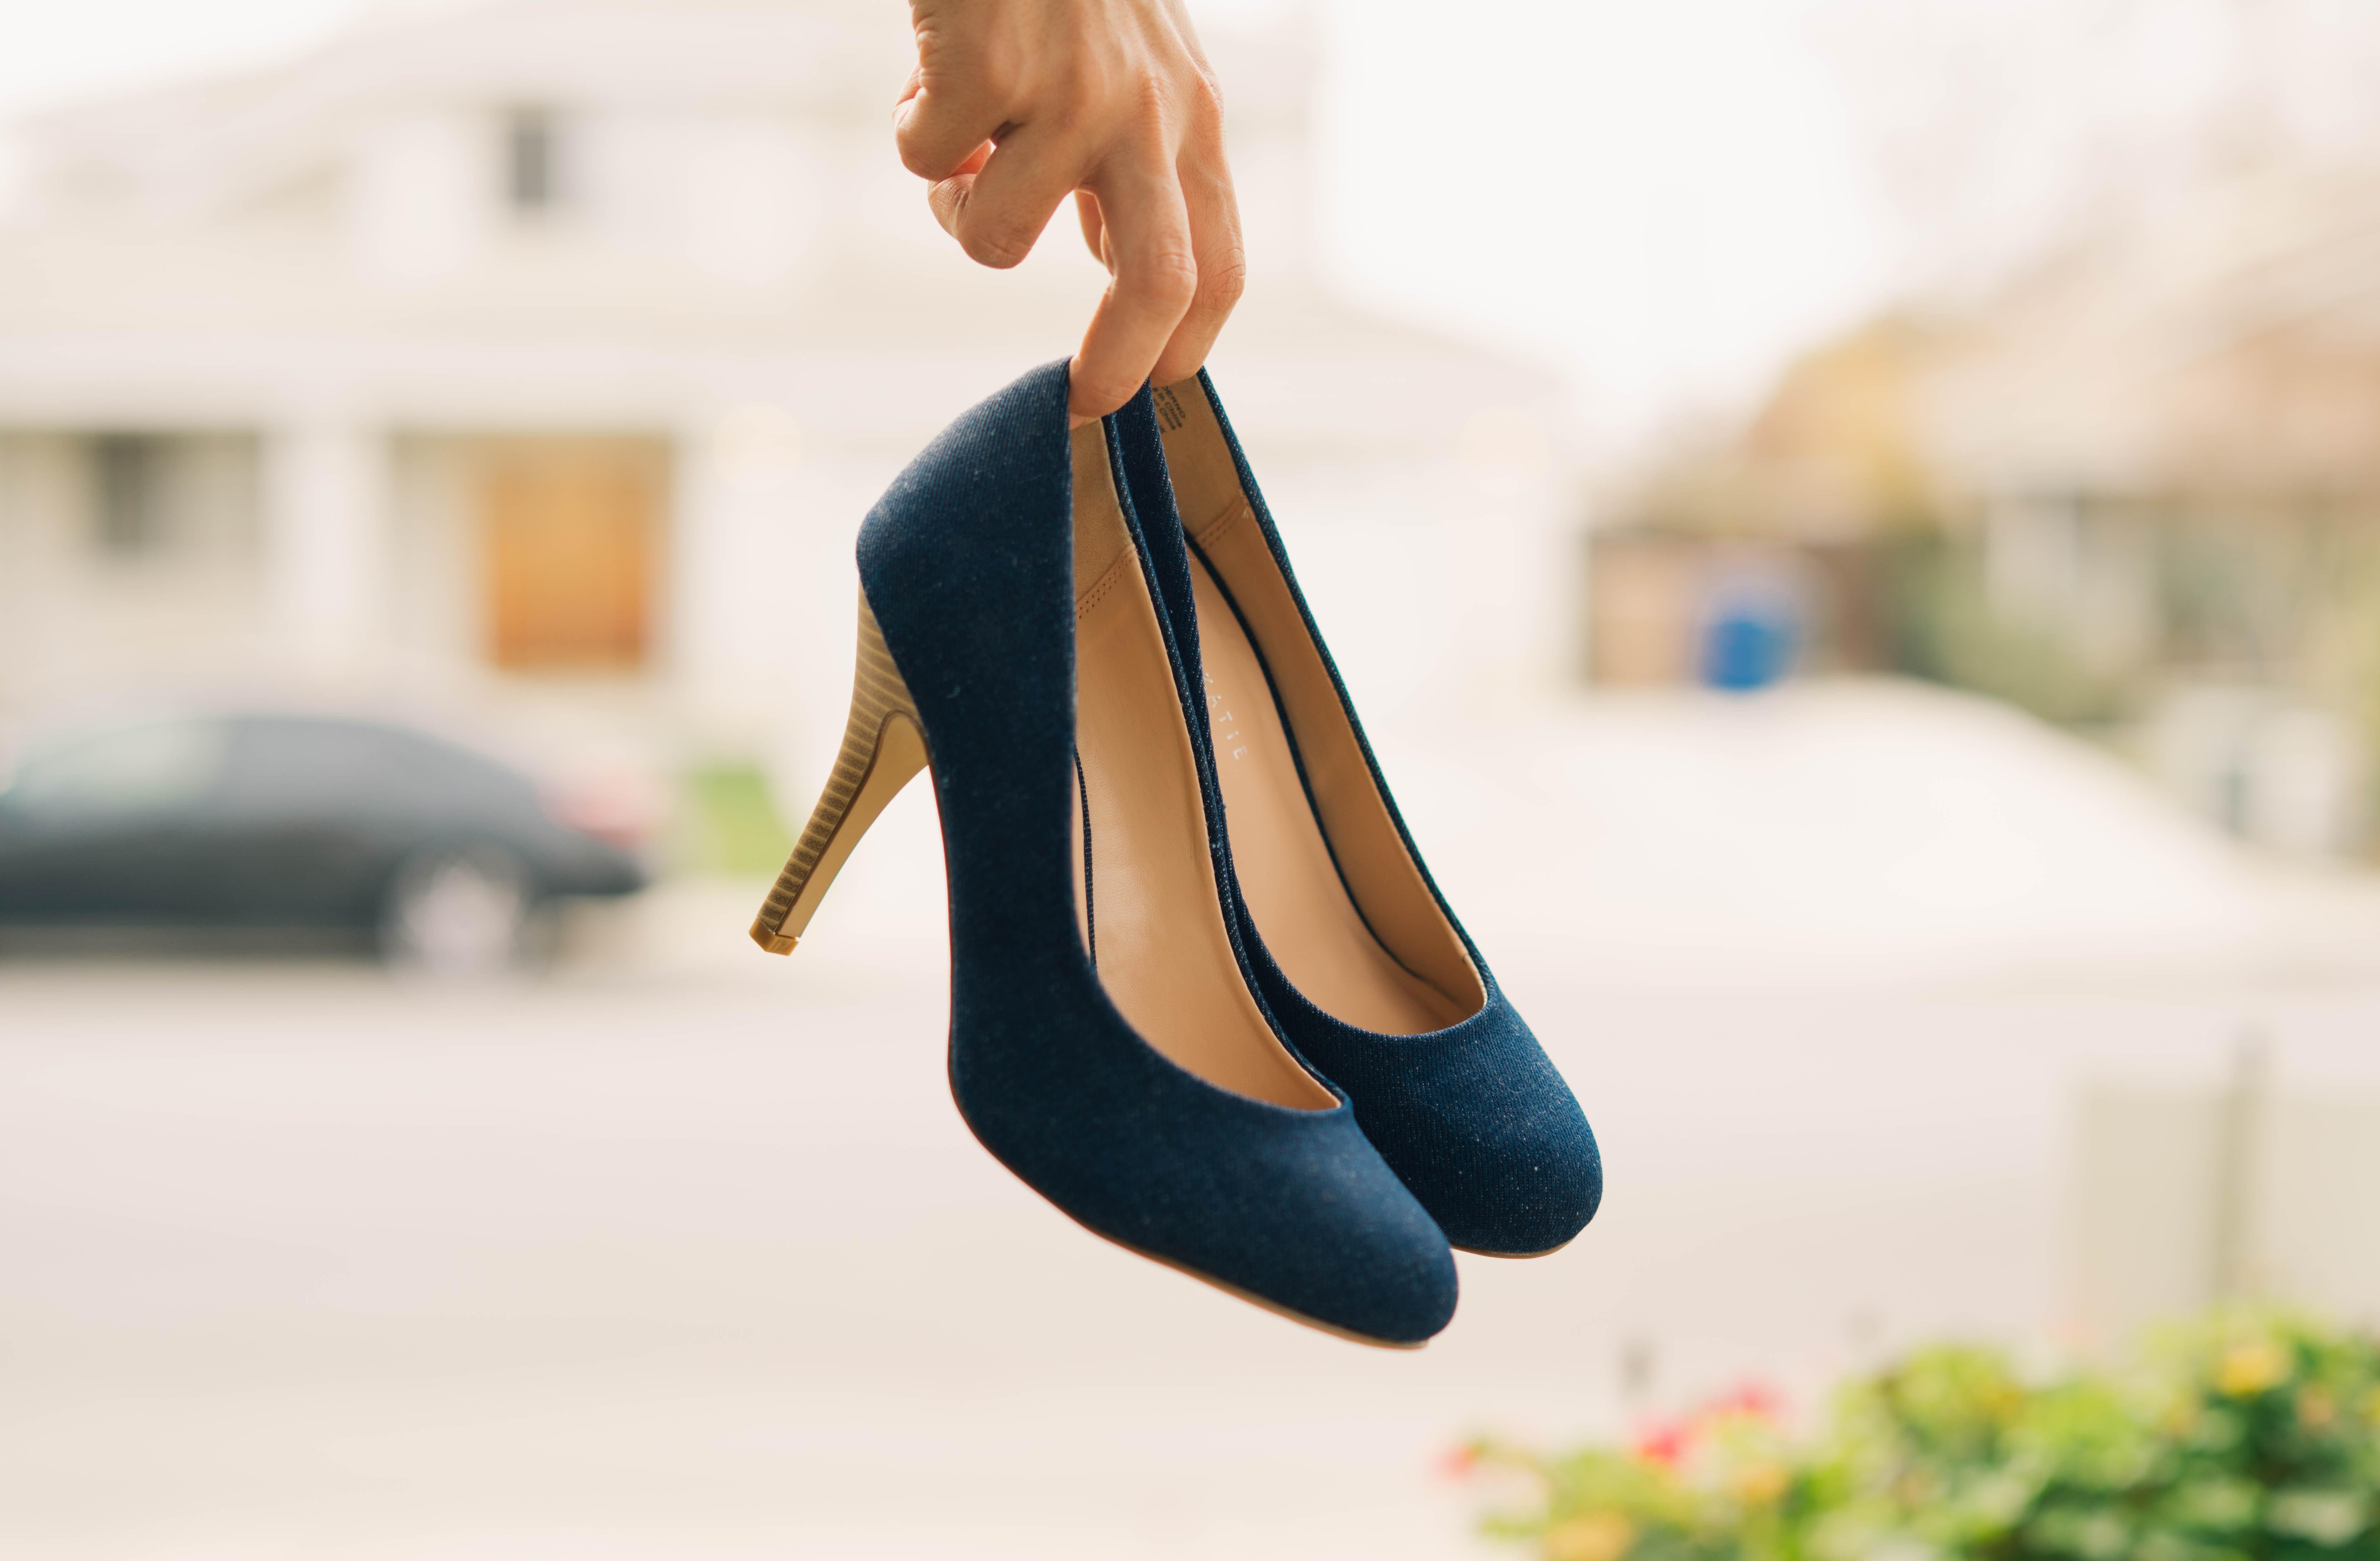 Garder des chaussures en bon état longtemps